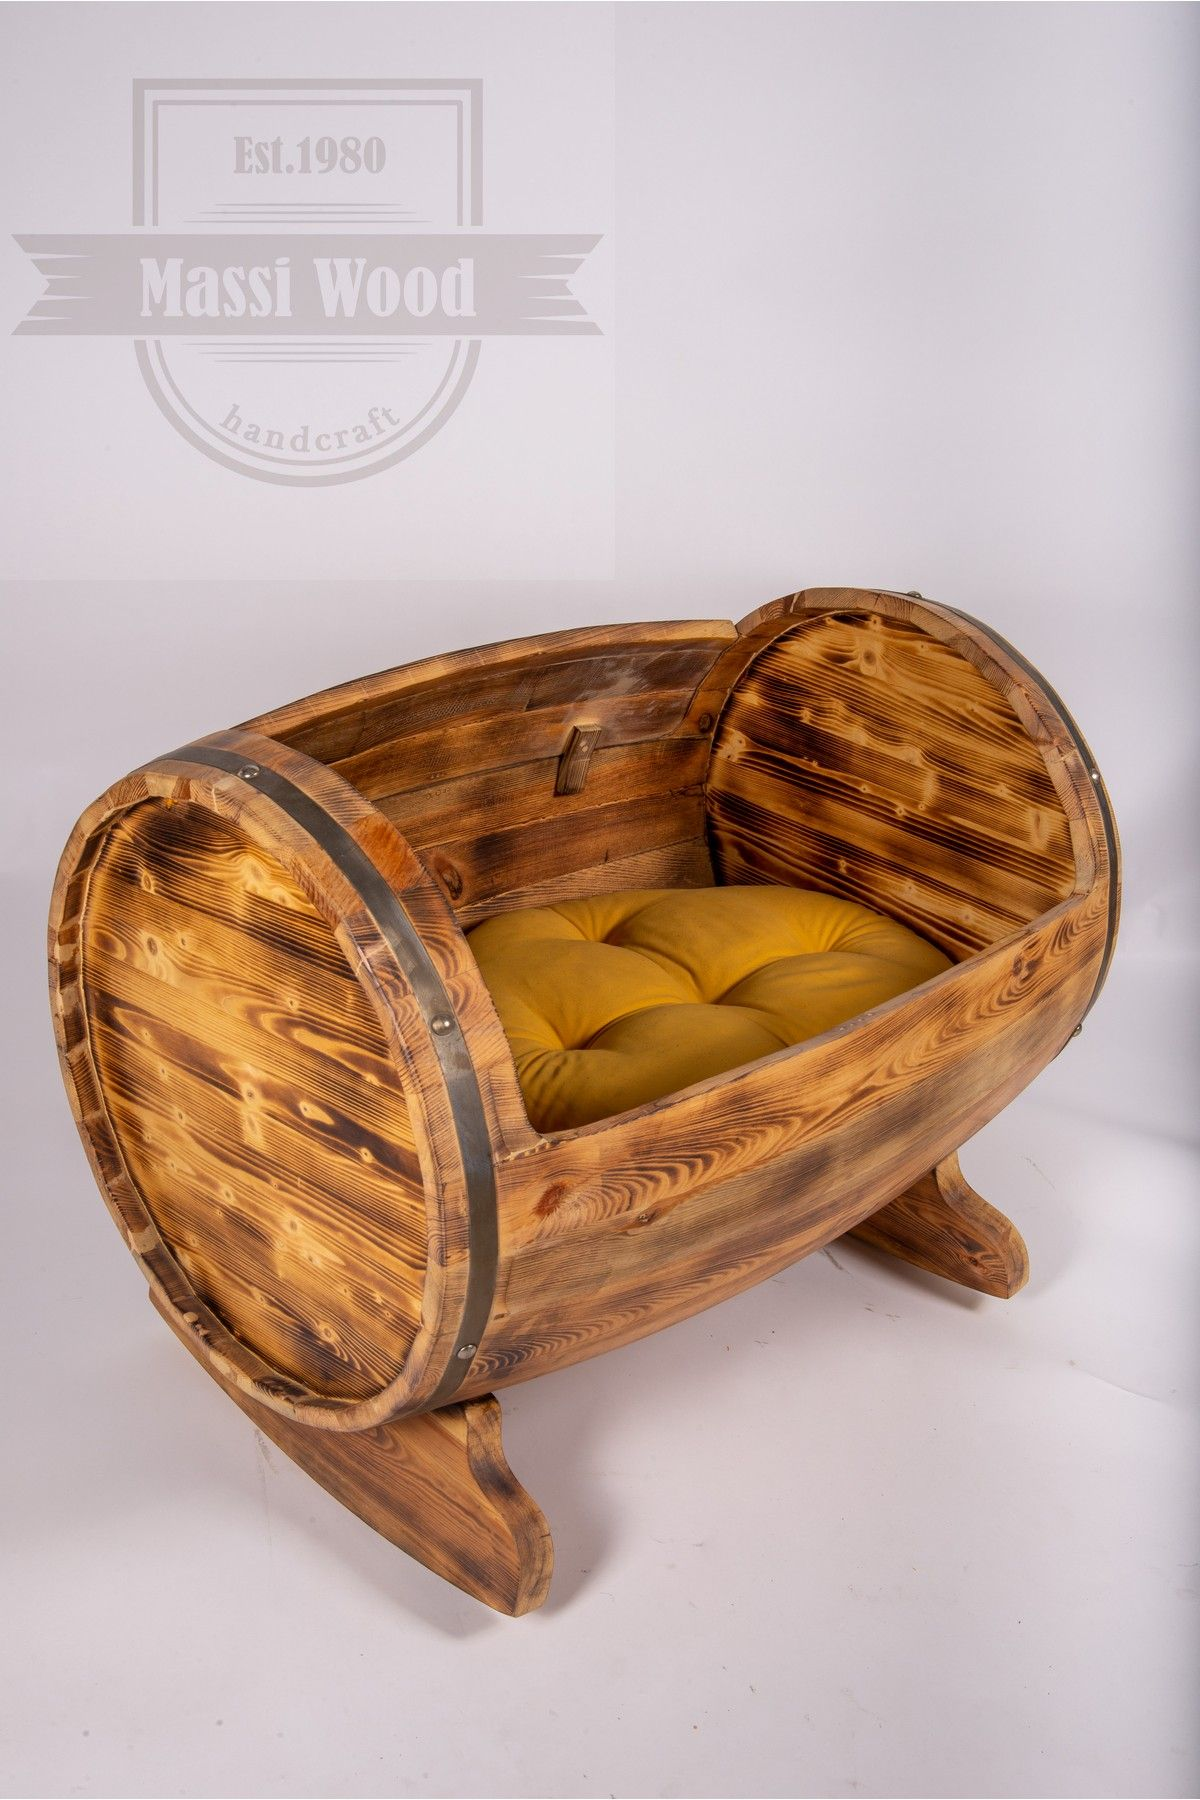 #mobilya #dekorasyon #furniture #tasar #evdekorasyonu #istanbul #yatakodas #d #t #mimar #home #mobilyadekorasyon #design #sandalye #koltuk  #masa #interiordesign  #koltuktak #decoration #bhfyp #mobilya #dekorasyon #furniture #tasarim #evdekorasyonu #istanbul #yatakodasi #mimar #home #mobilyadekorasyon #design #sandalye #koltuk #masa #interiordesign #ev #koltuktak #decoration #dekor #yemekodasi #sehpa #dekorasyonfikirleri #yatak #homedecor #mutfak #dizayn #homedesign #mobilyatasar #masko